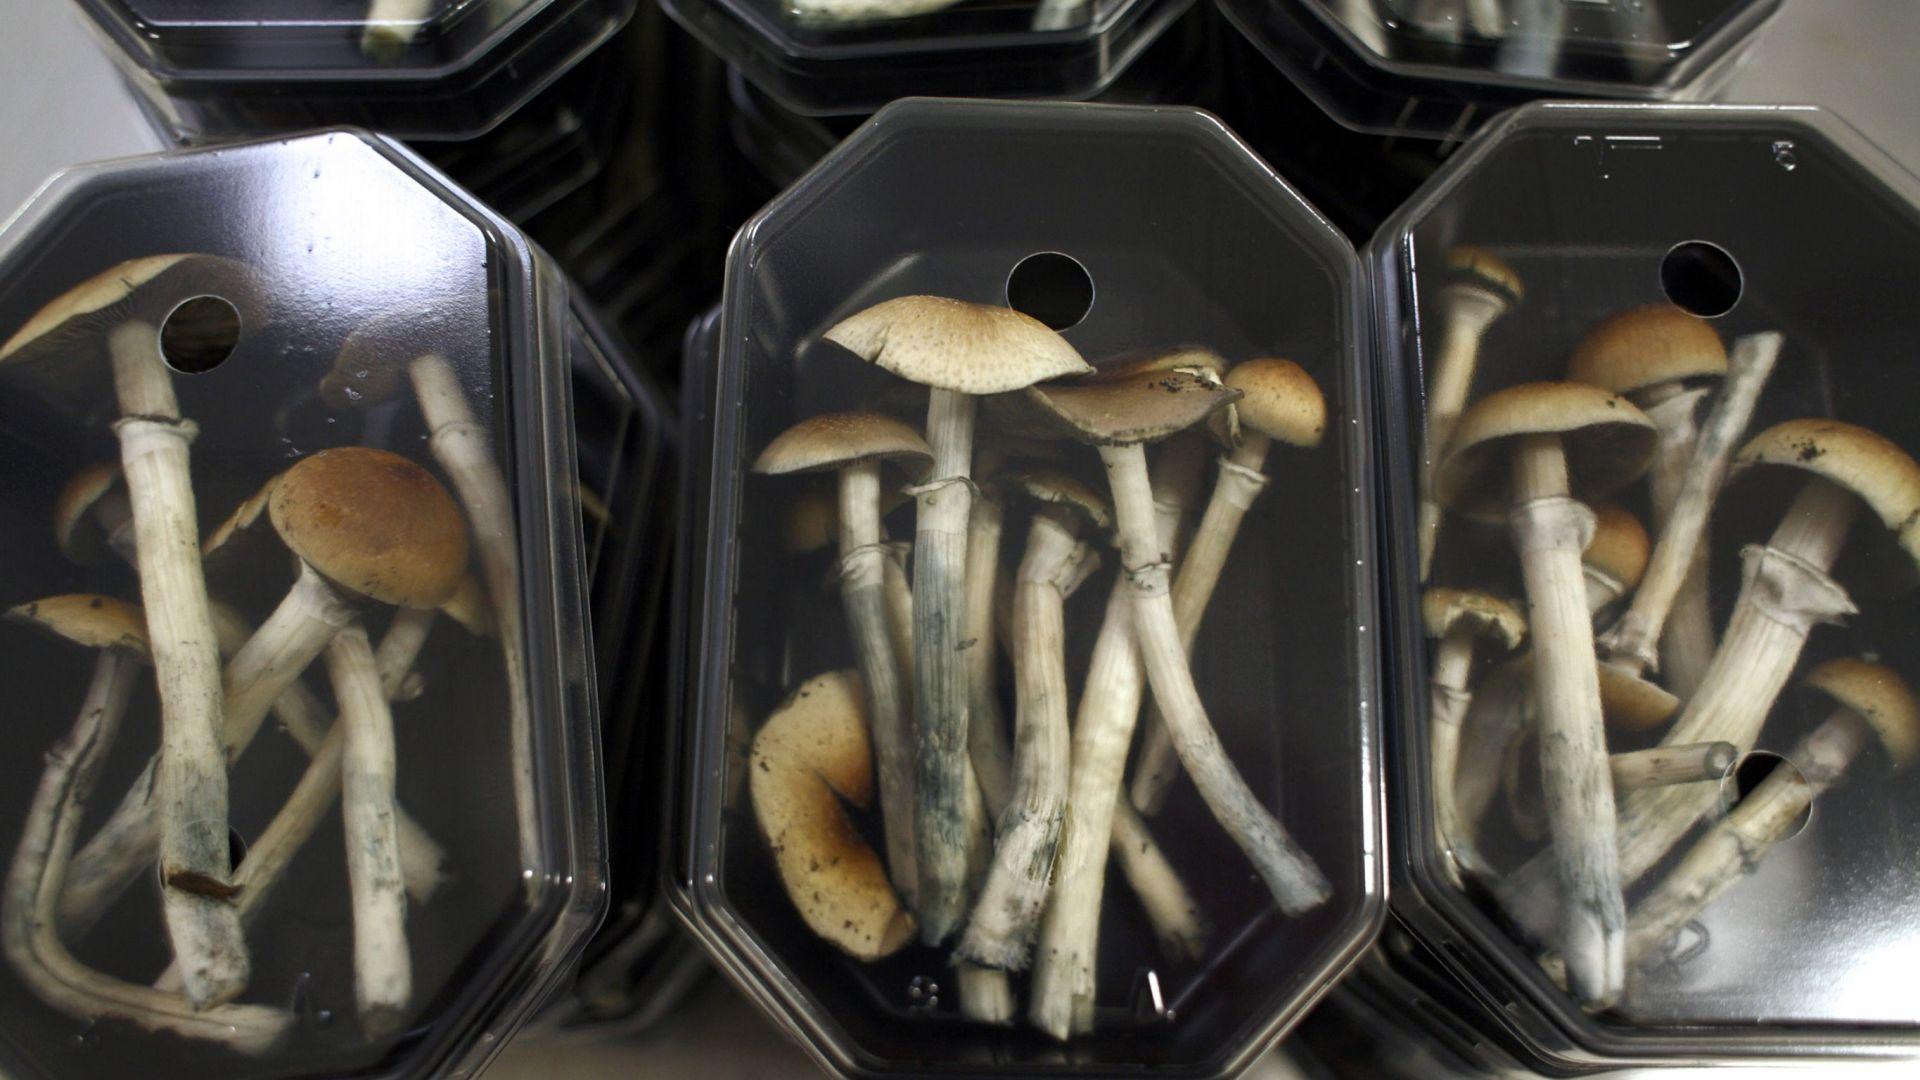 Por inyectarse hongos mágicos, un hombre terminó en el hospital con fallas en sus órganos